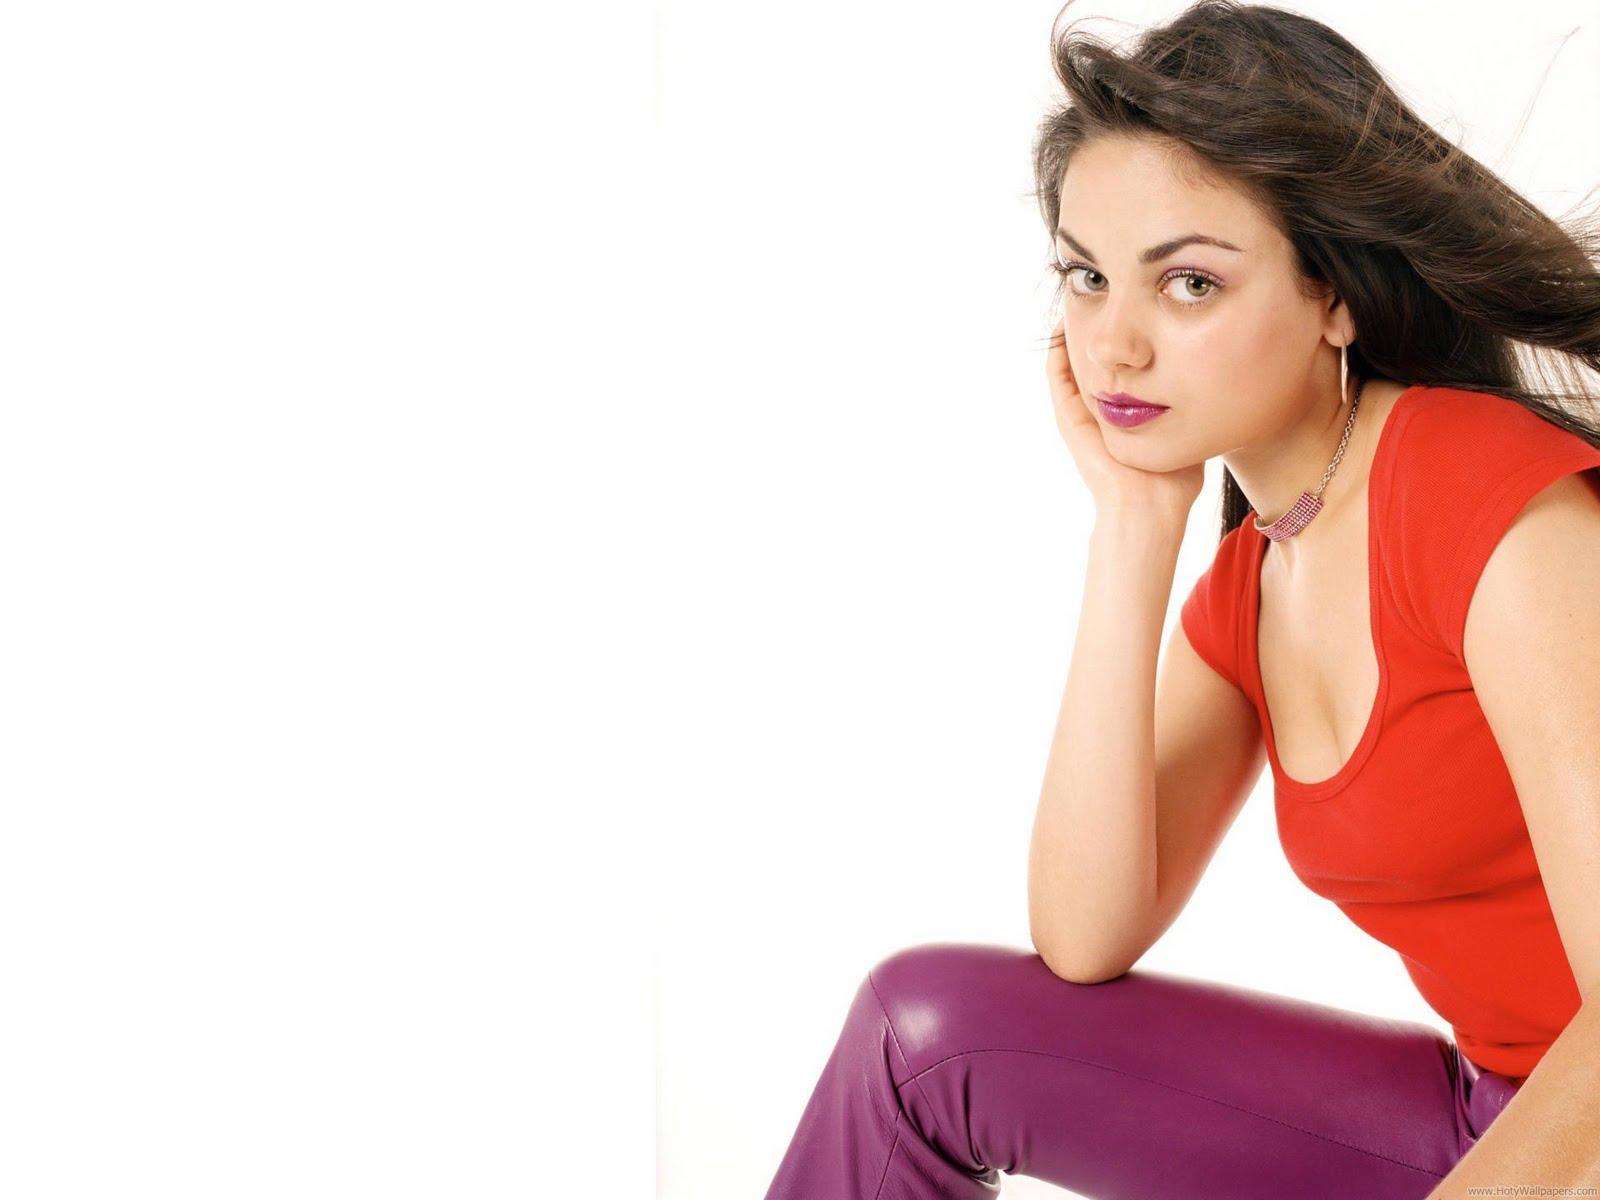 http://3.bp.blogspot.com/-1CCG3IWw8z0/TqKEyxsjtXI/AAAAAAAAM_8/j-wLhsf-deY/s1600/mila_kunis_actress_wallpaper-1600x1200.jpg